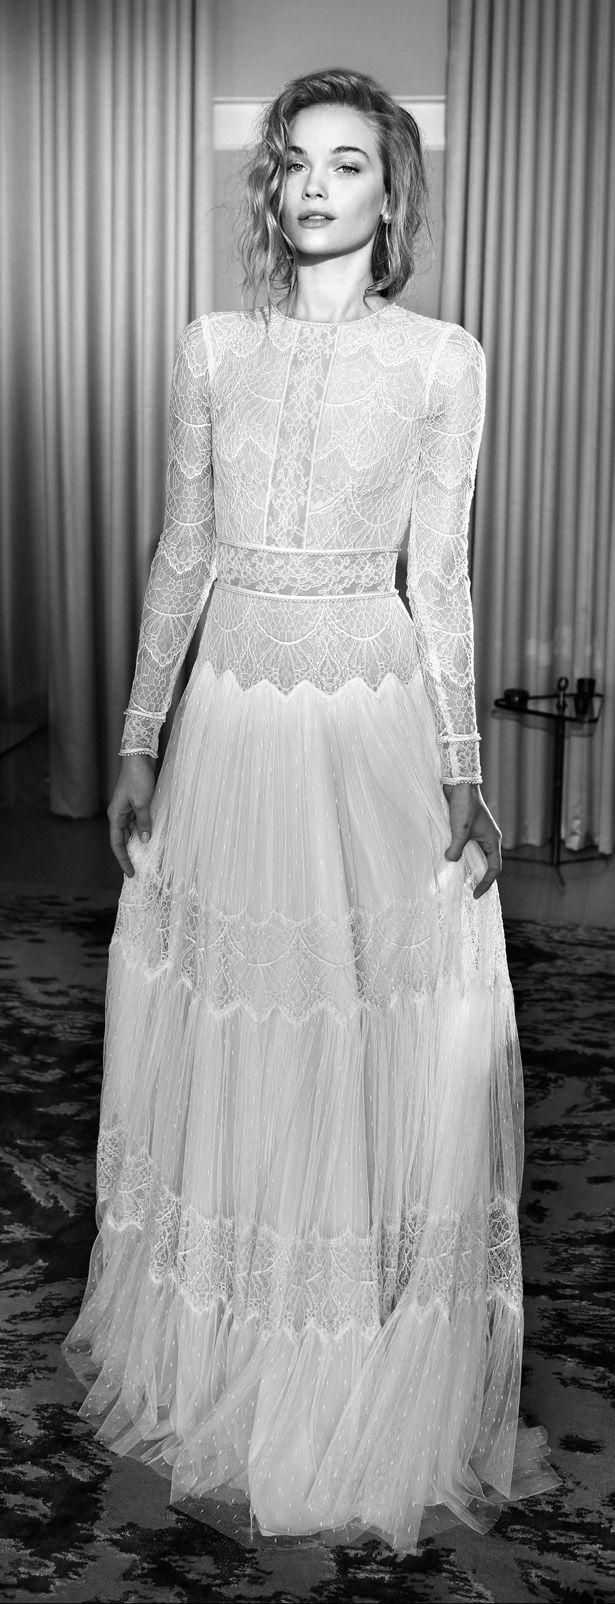 Casaria sem problemas com esse vestido, simplesmente lindo